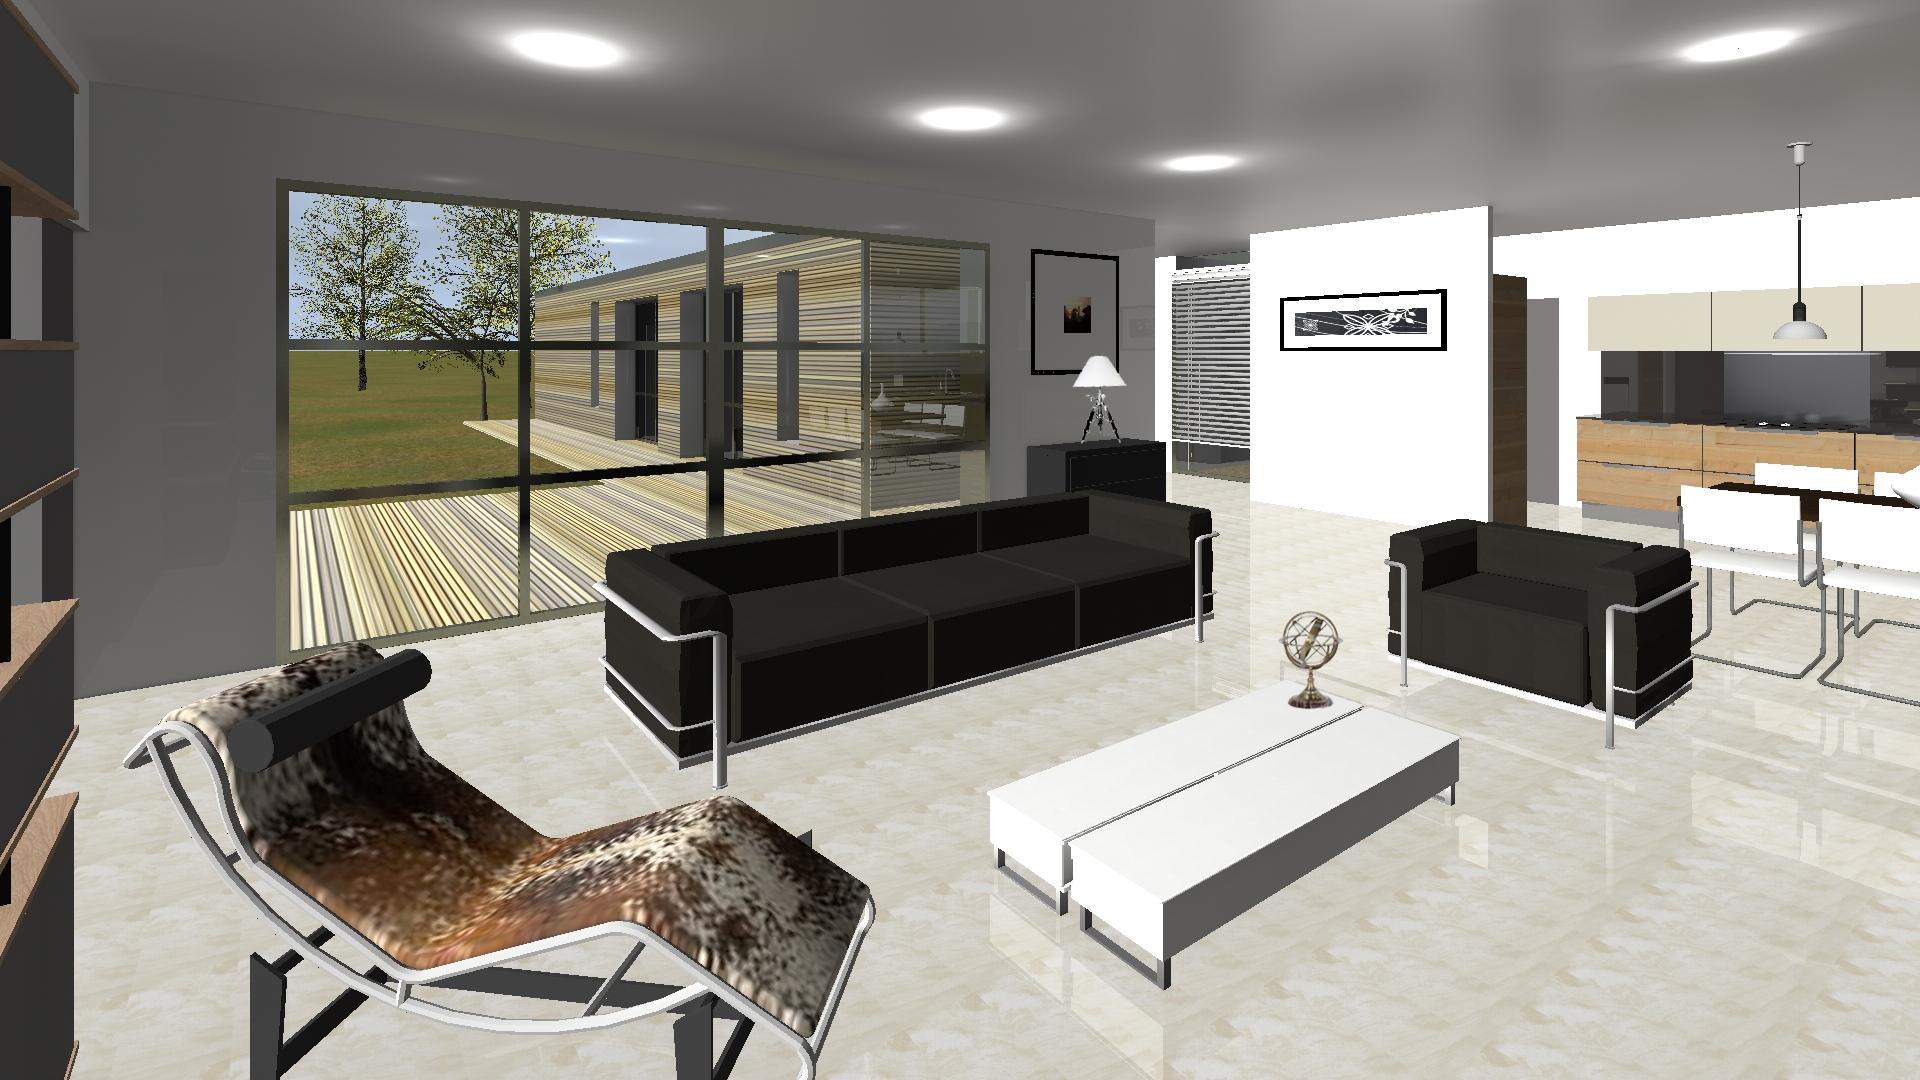 Un bon choix pour mon orientation pro grâce au site bts-architecte-d-interieur.com